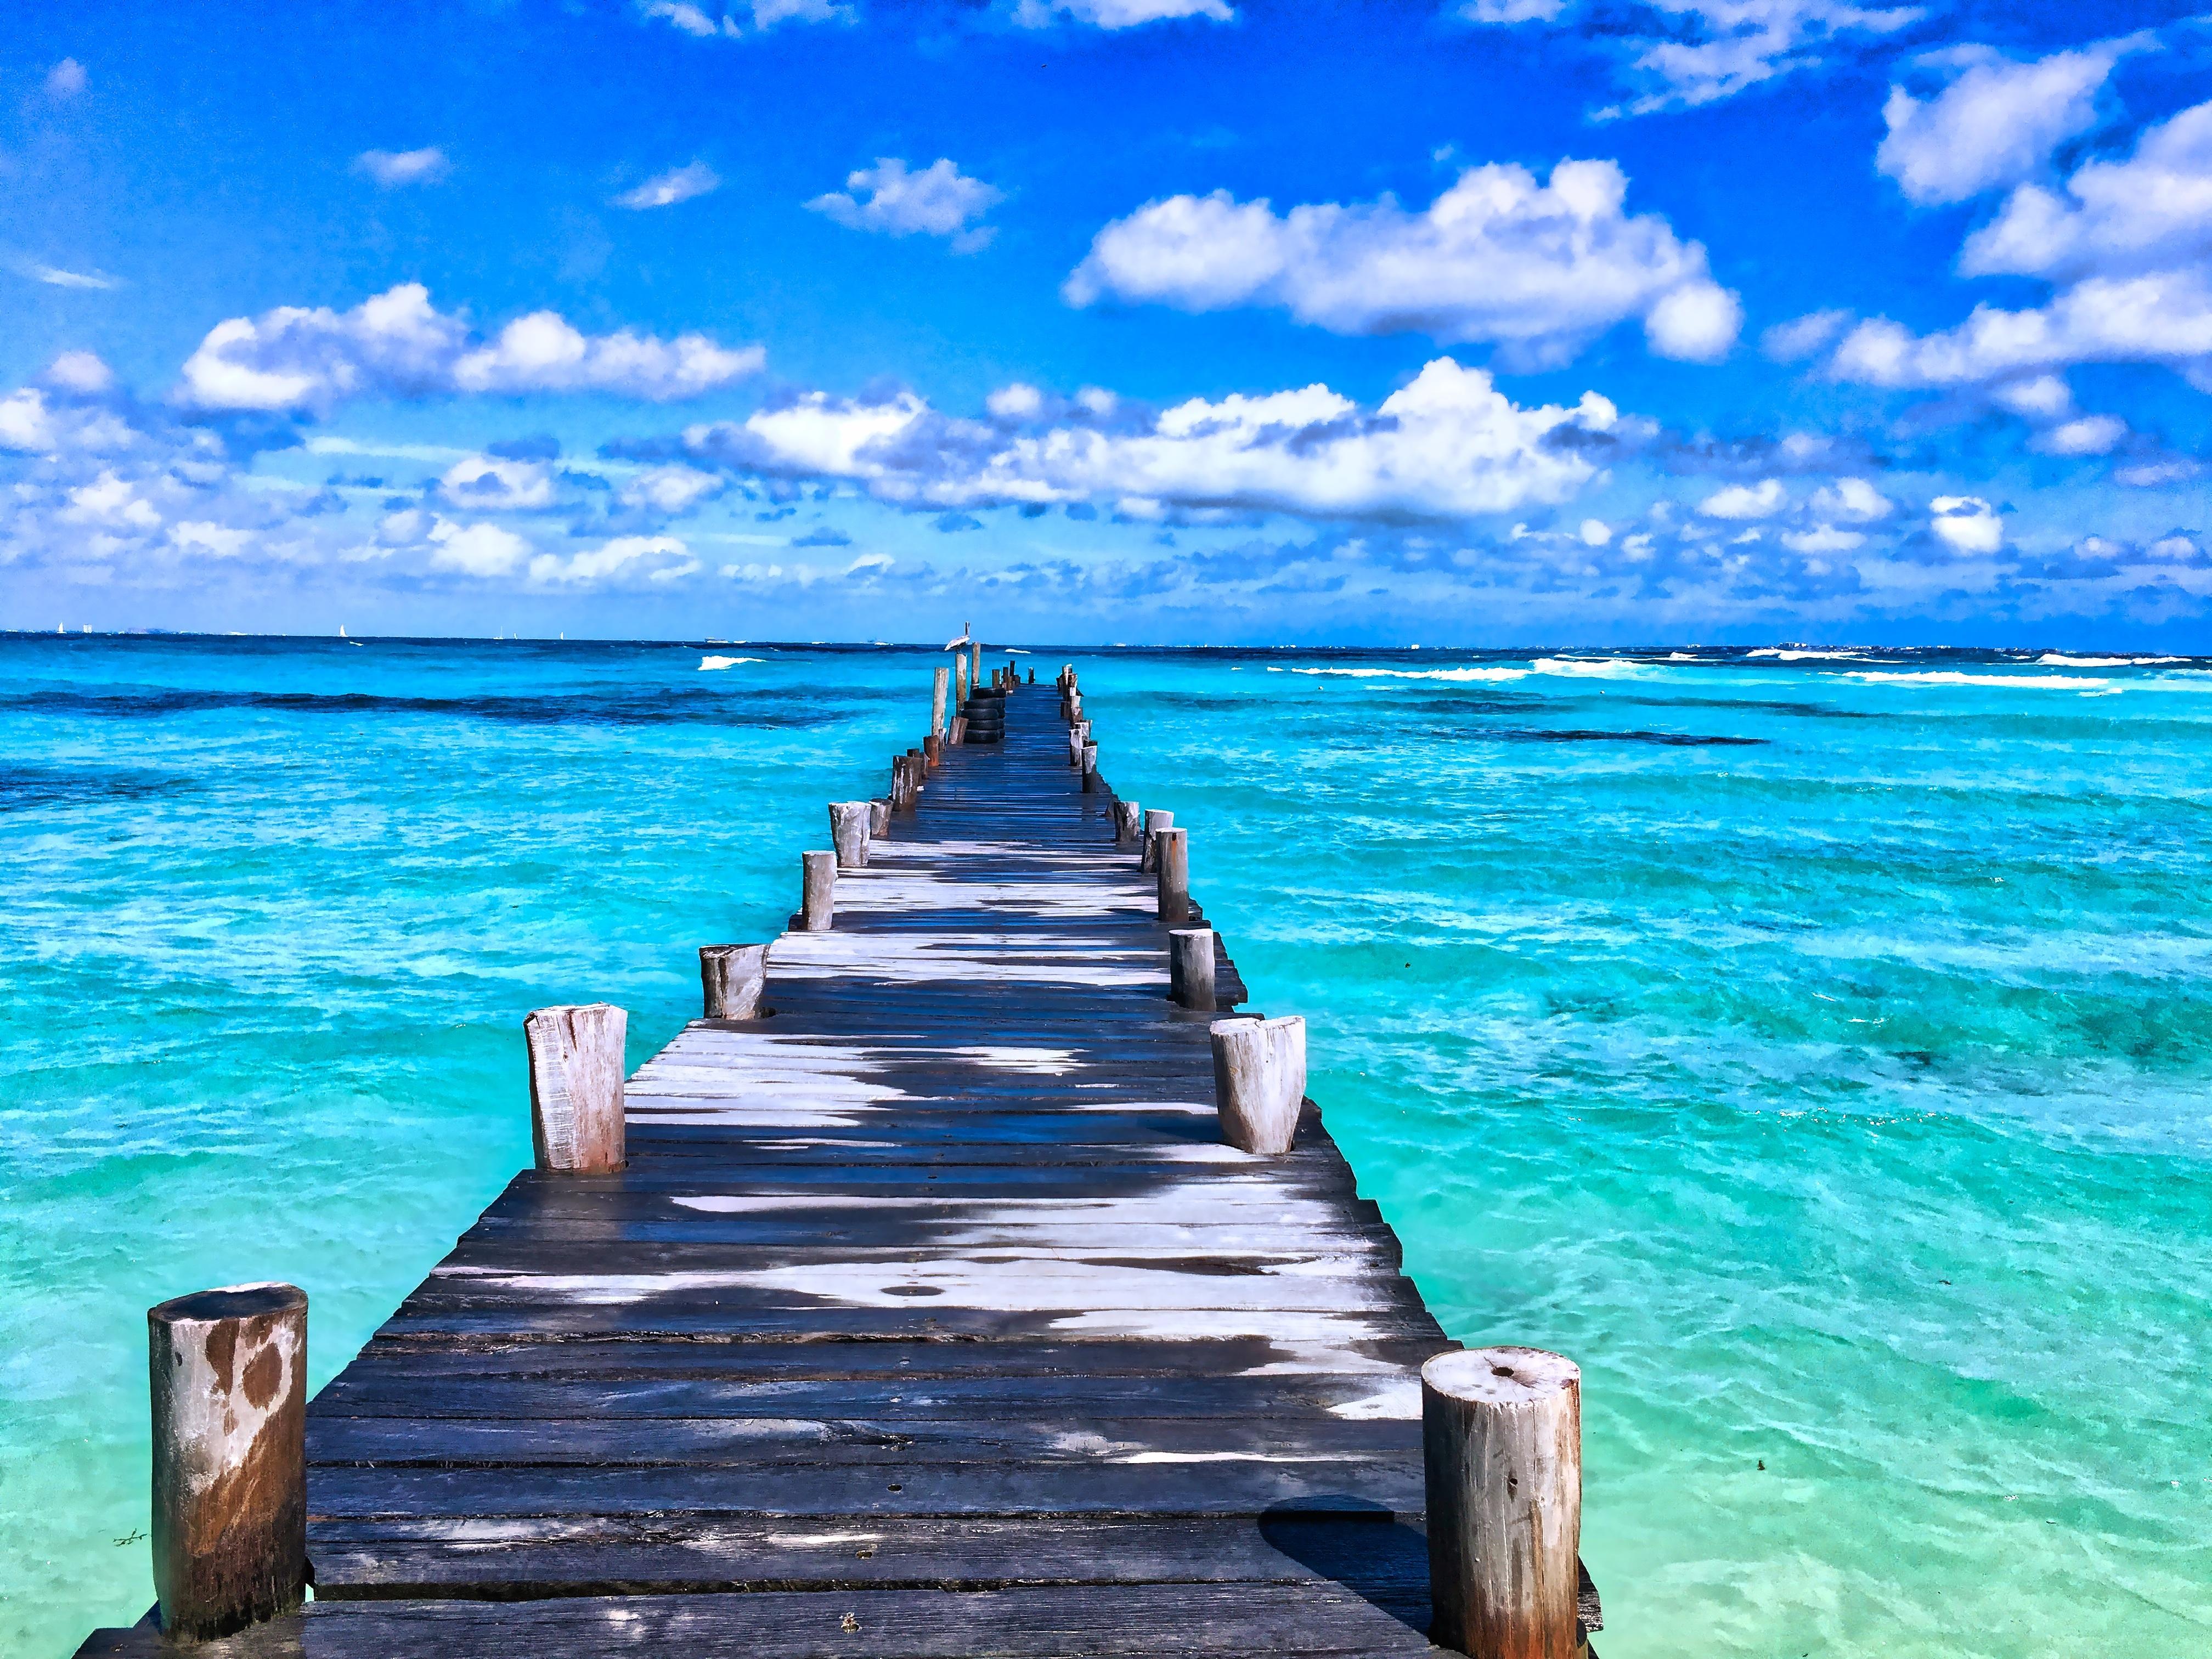 常夏の楽園、フィジー。世界一幸せな国の社会問題